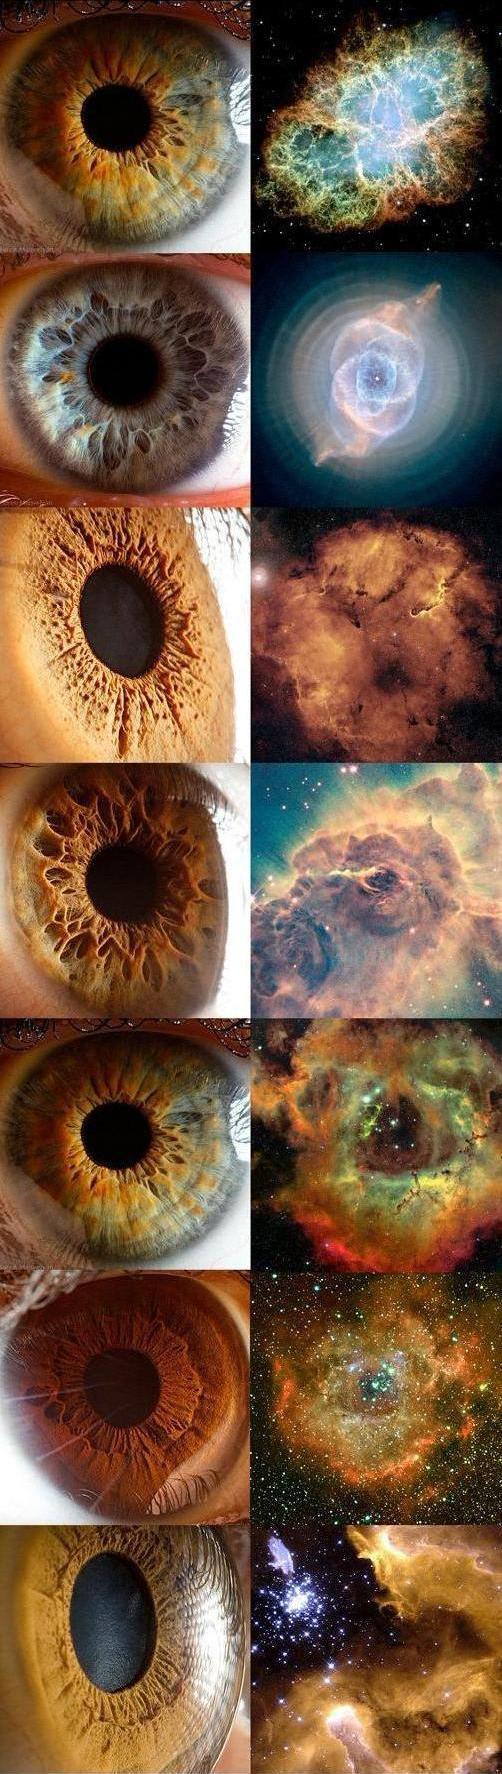 كثيراً ما يشبِّه علماء الفلك السُدم السماوية بالعيون، بل حتى أن بعضها يحمل اسم العين.    ونضع هنا مقارنة للشبه بين بعض السدم وقزحية العين.      وتحسب أنك جرم صغير.. وفيك انطوى العالم الأكبر